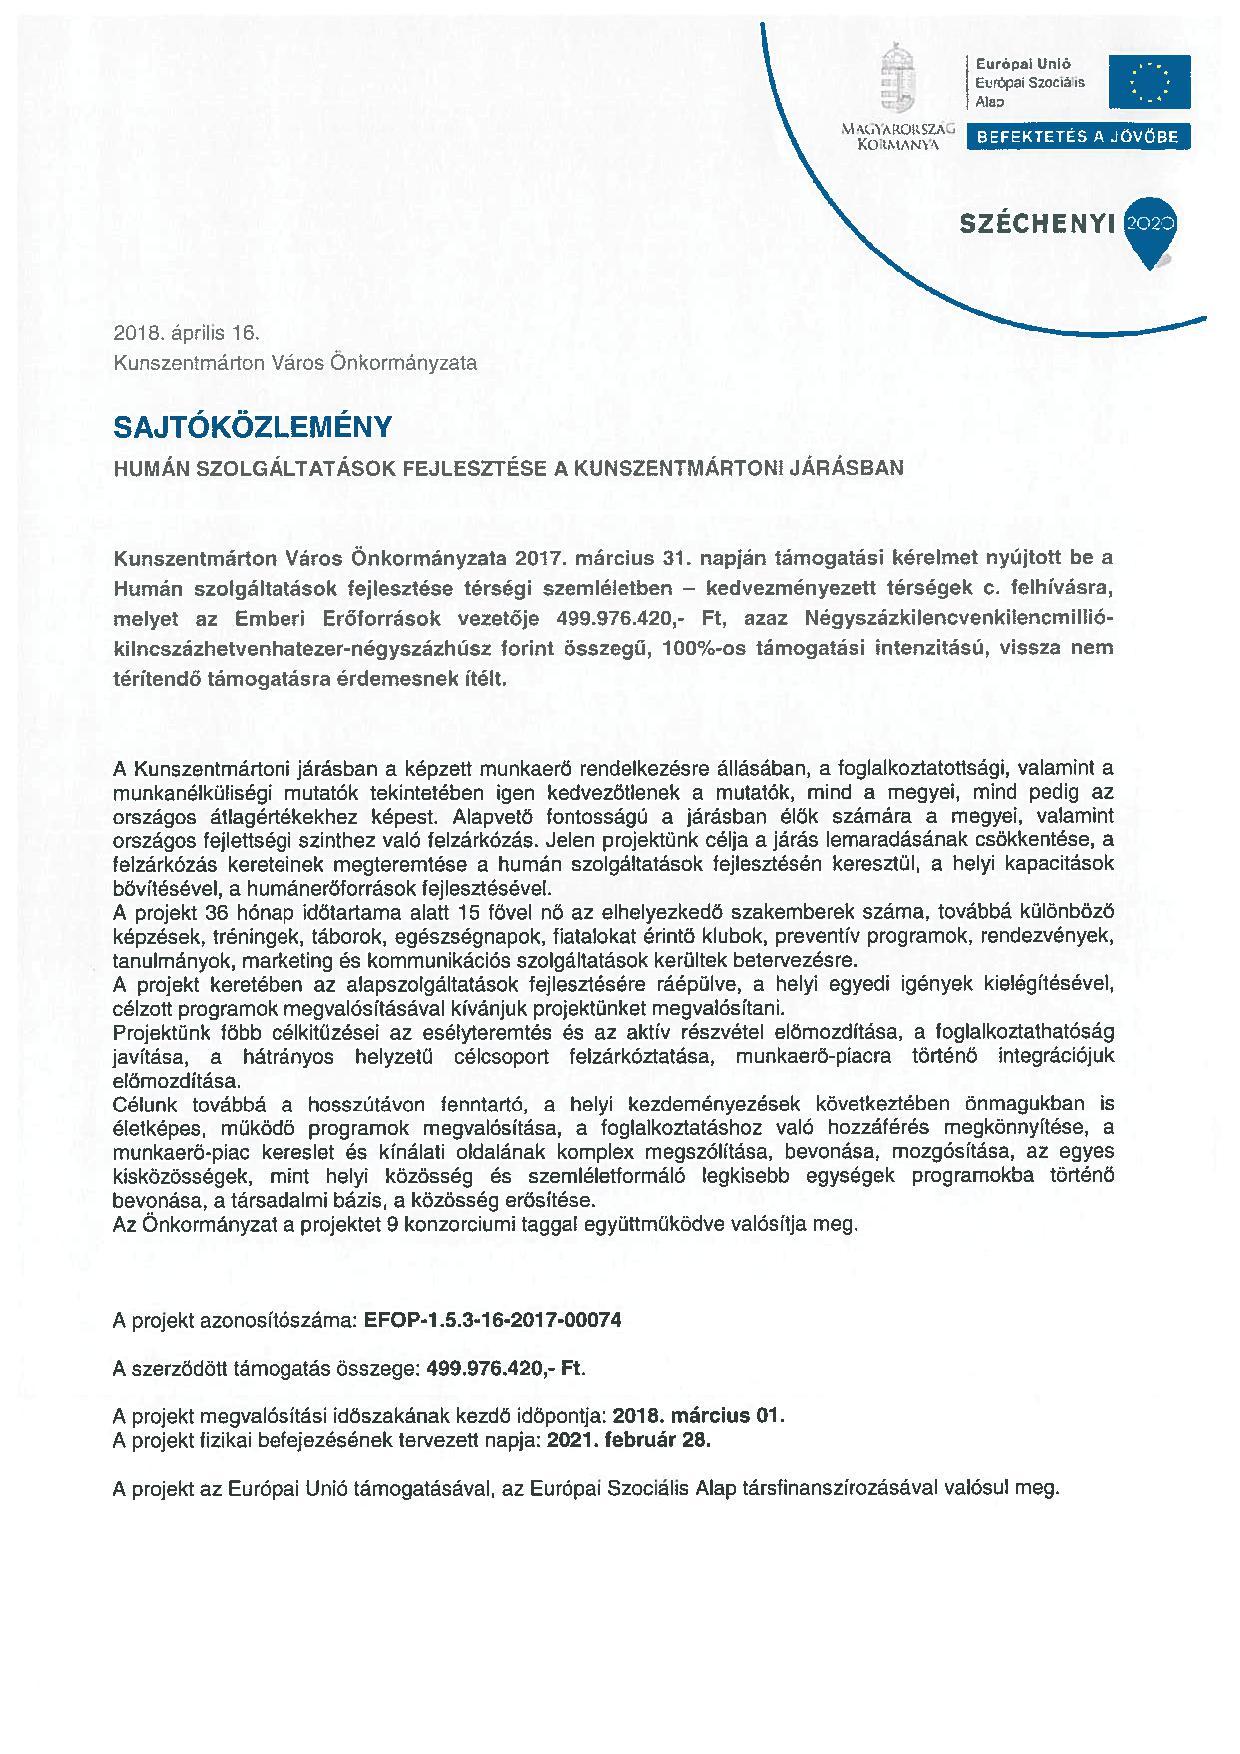 Sajtóközlemény_EFOP-153-001